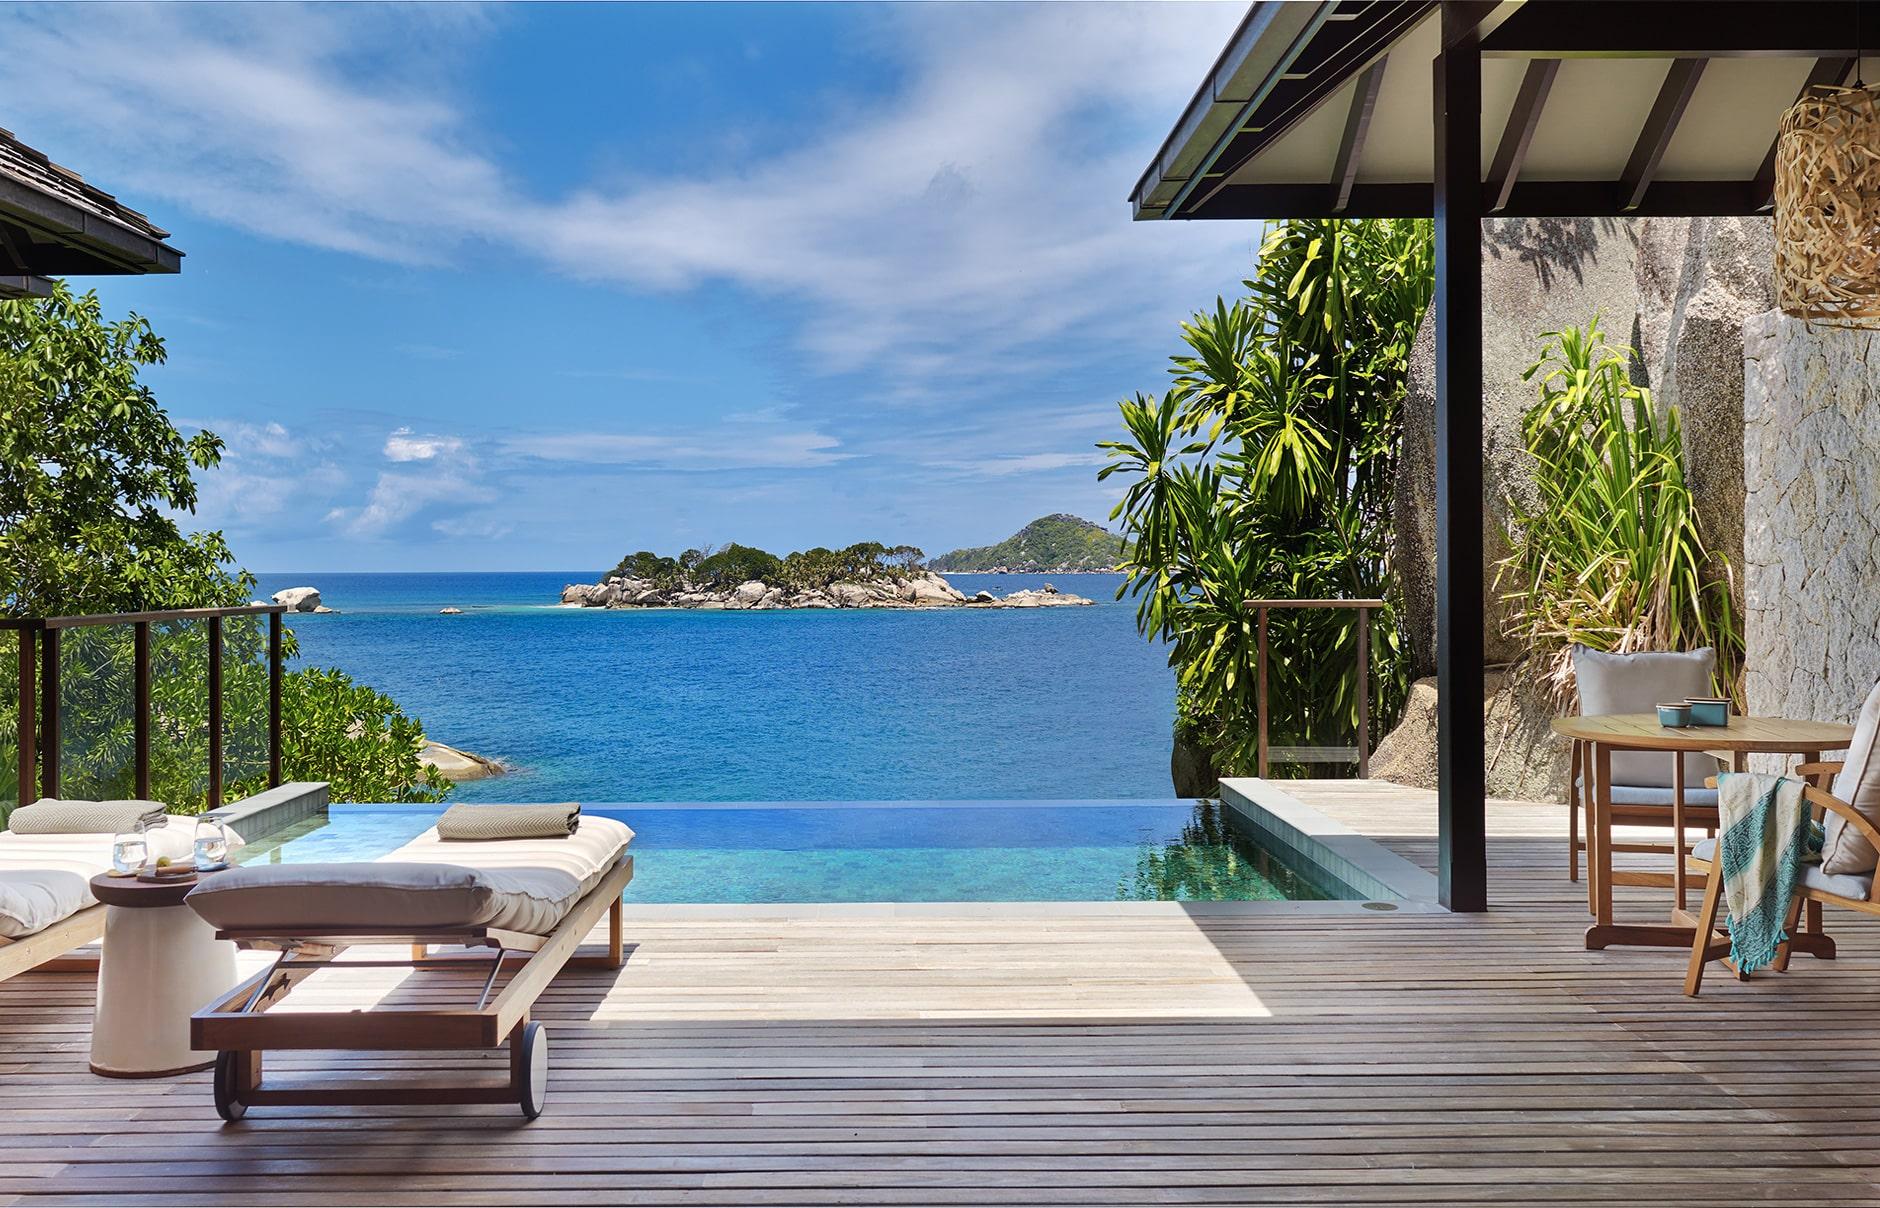 Six Senses Zil Pasyon розташований на казковому приватному острові Феліче, серед бірюзової гладі океану, в стороні від зони циклонів.